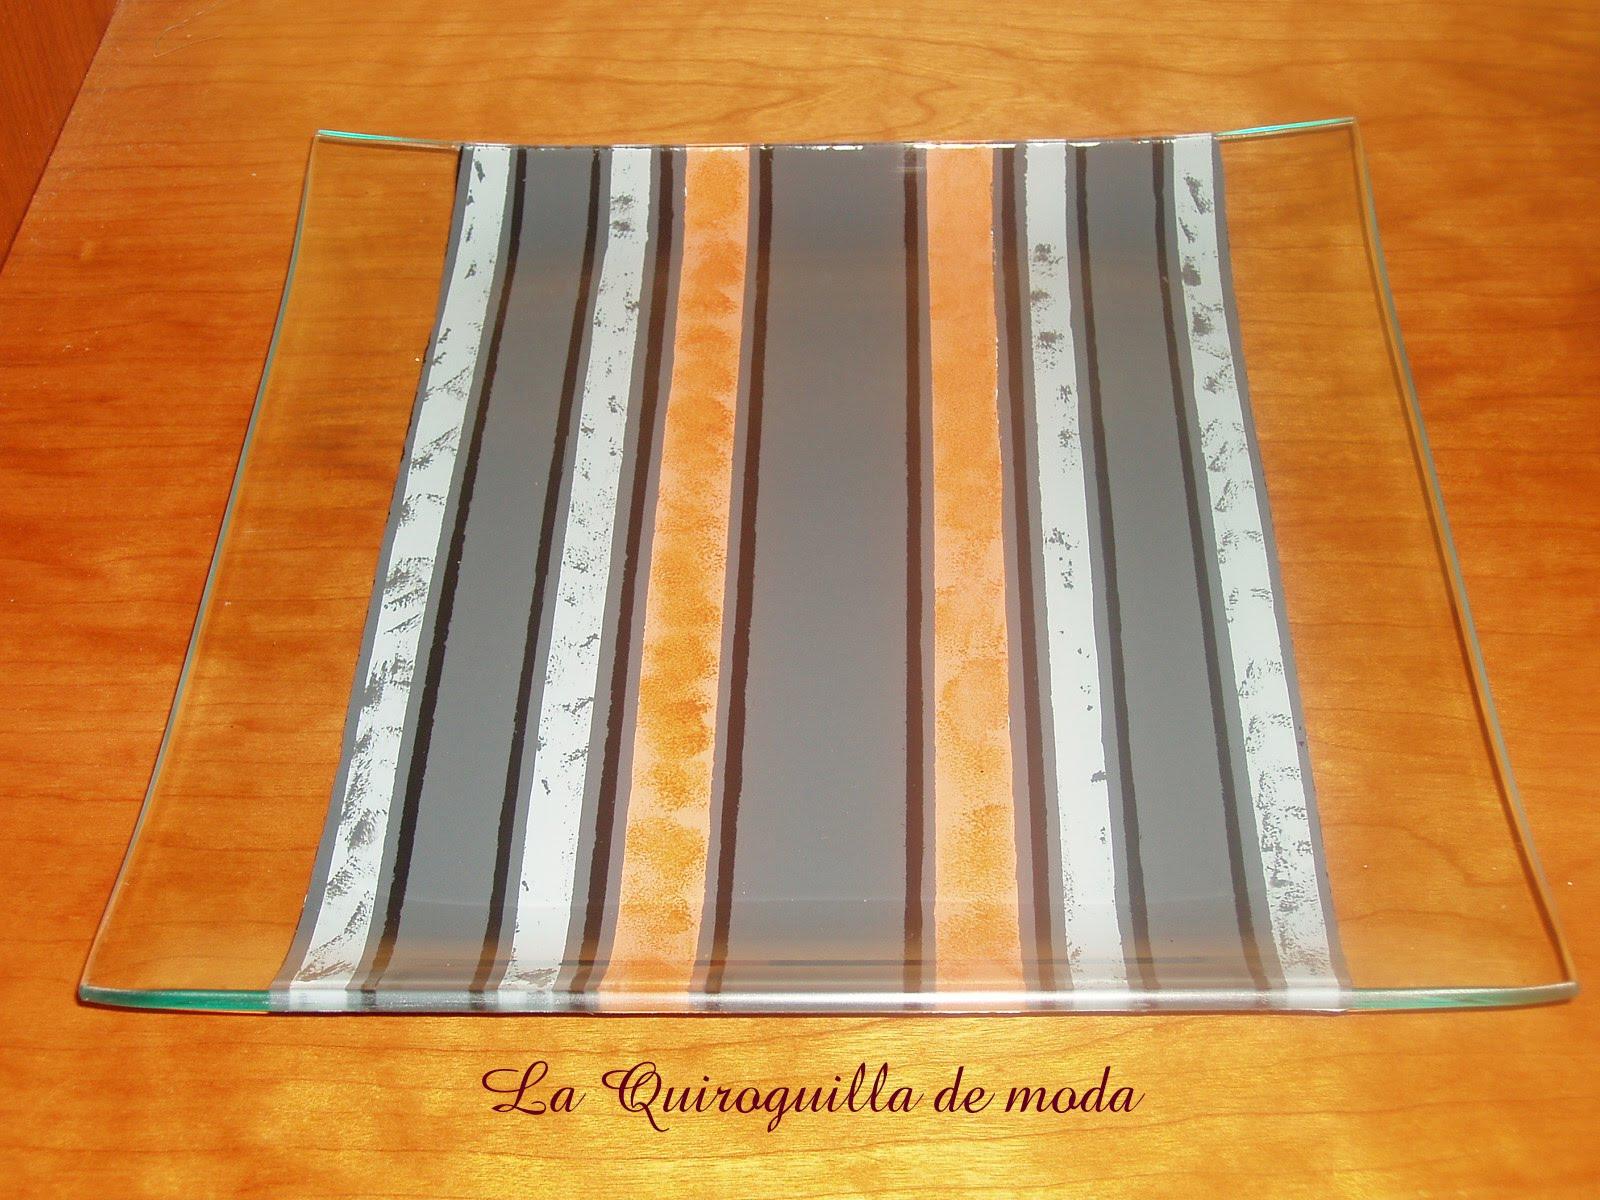 La quiroguilla de moda bandejas de cristal a medida - Bandejas de cristal ...